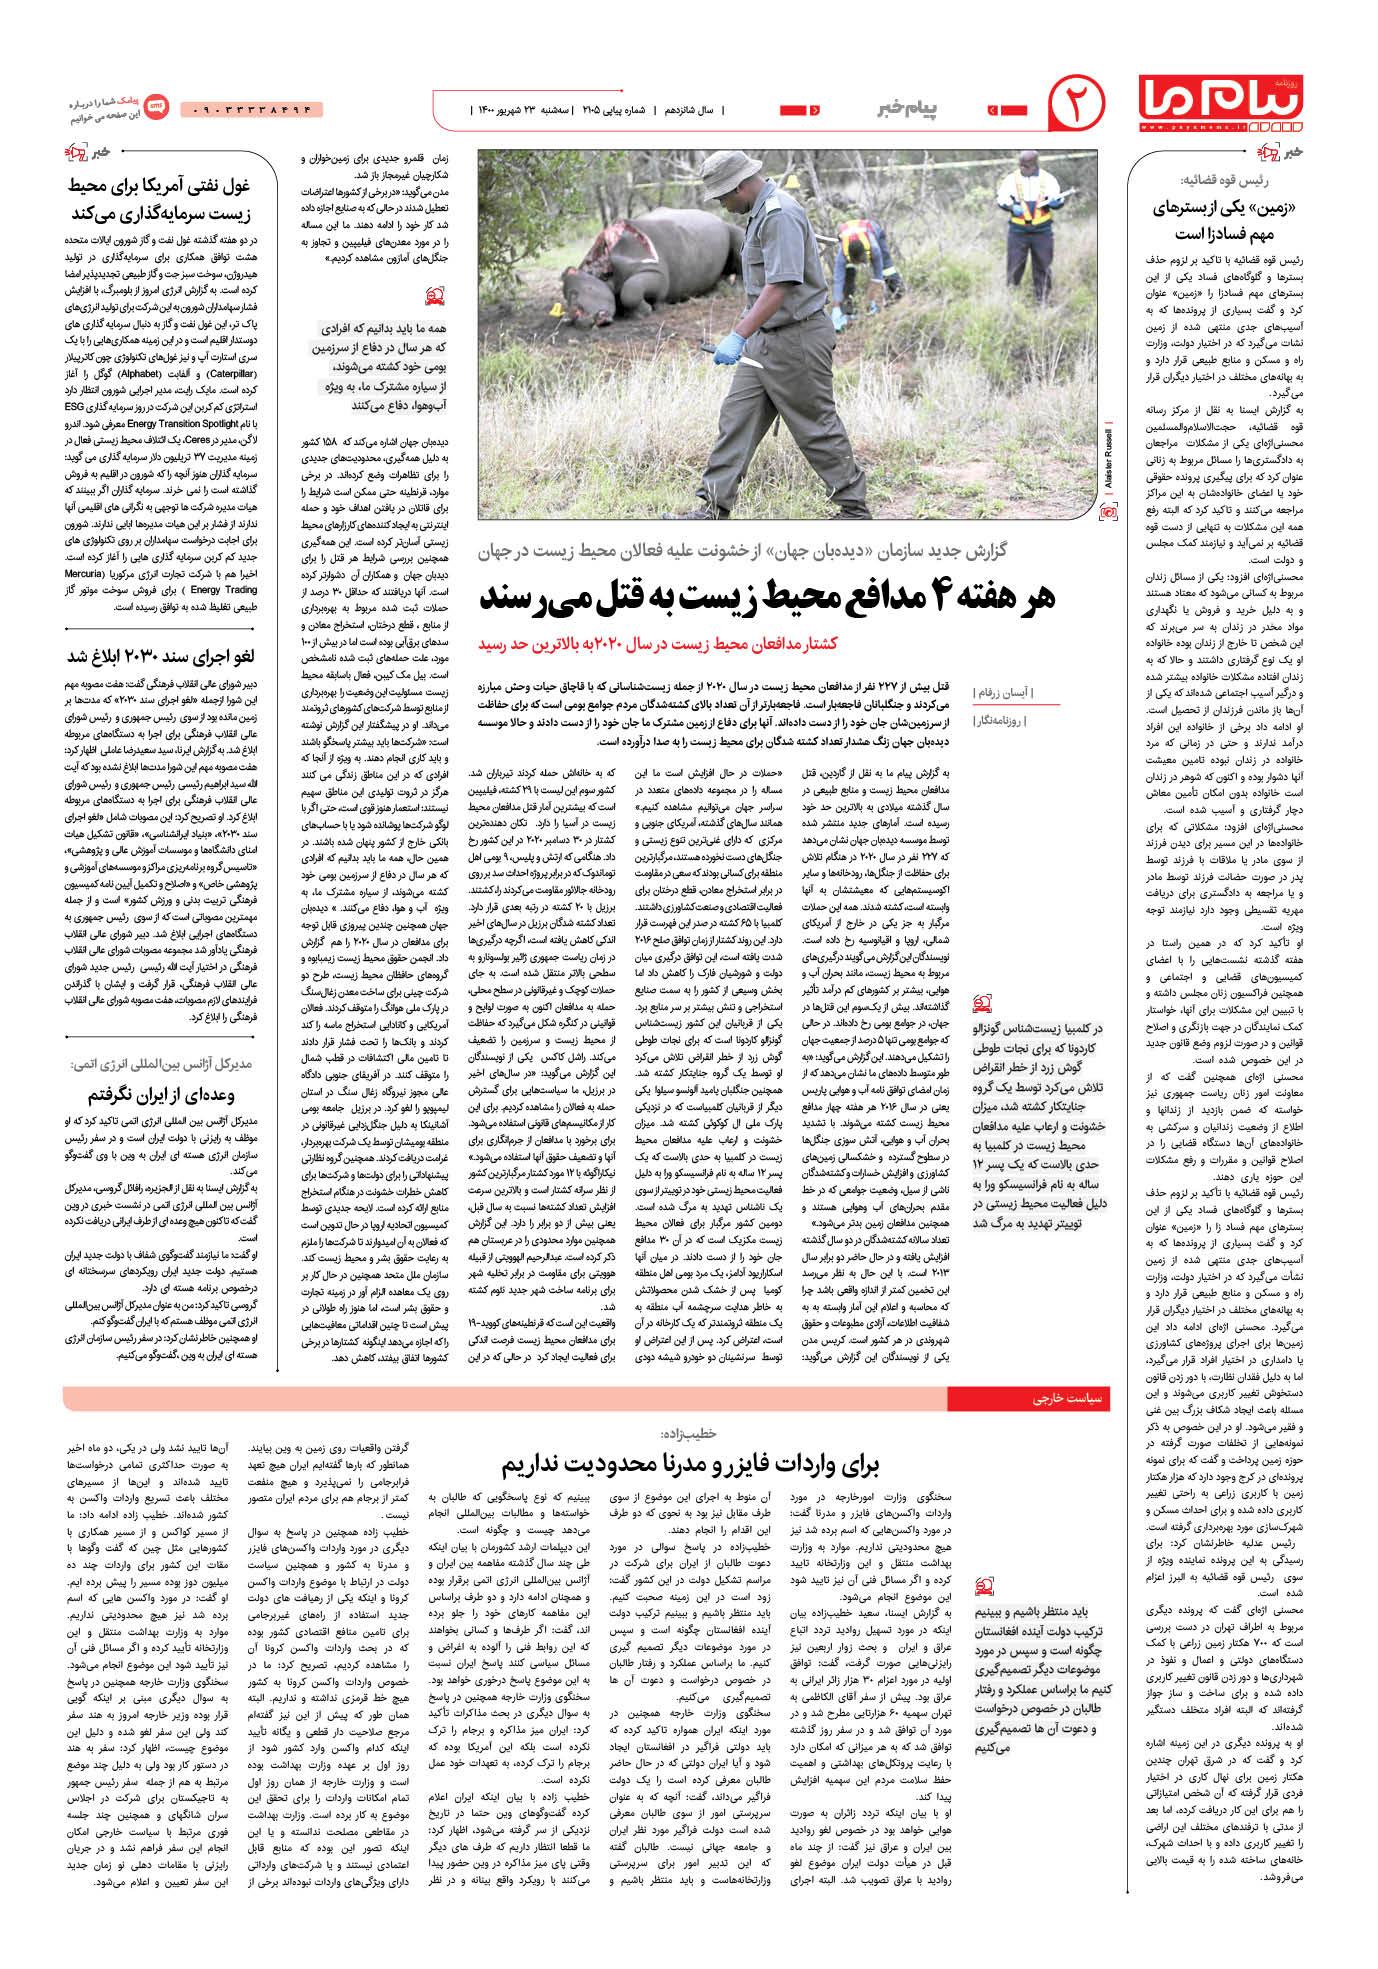 صفحه پیام خبر شماره 2105 روزنامه پیام ما